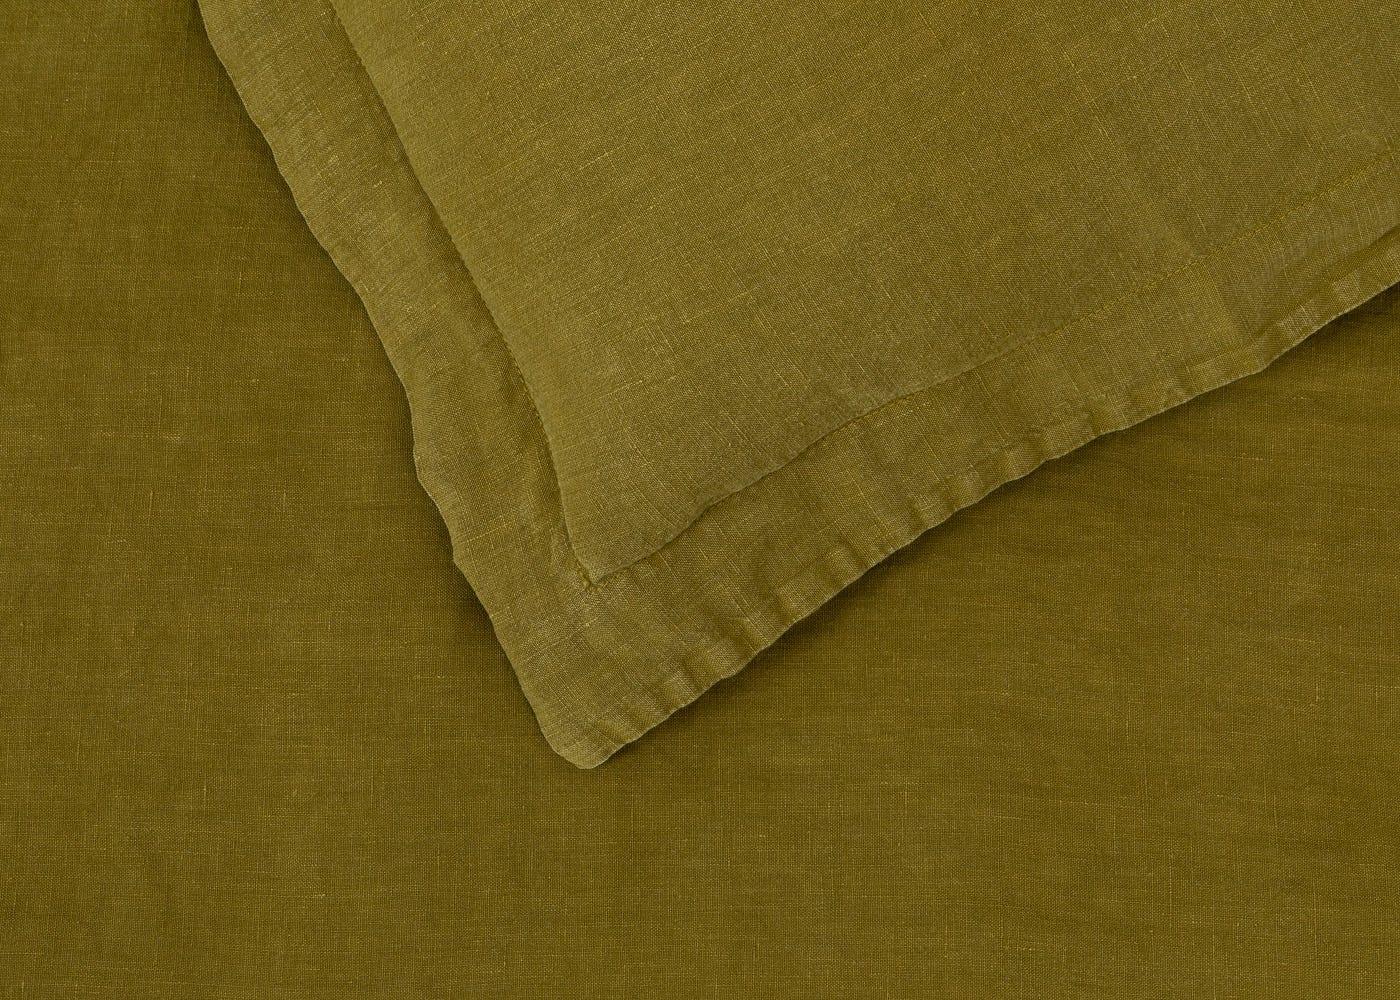 Heal's Washed Linen Olive Duvet Cover Super King